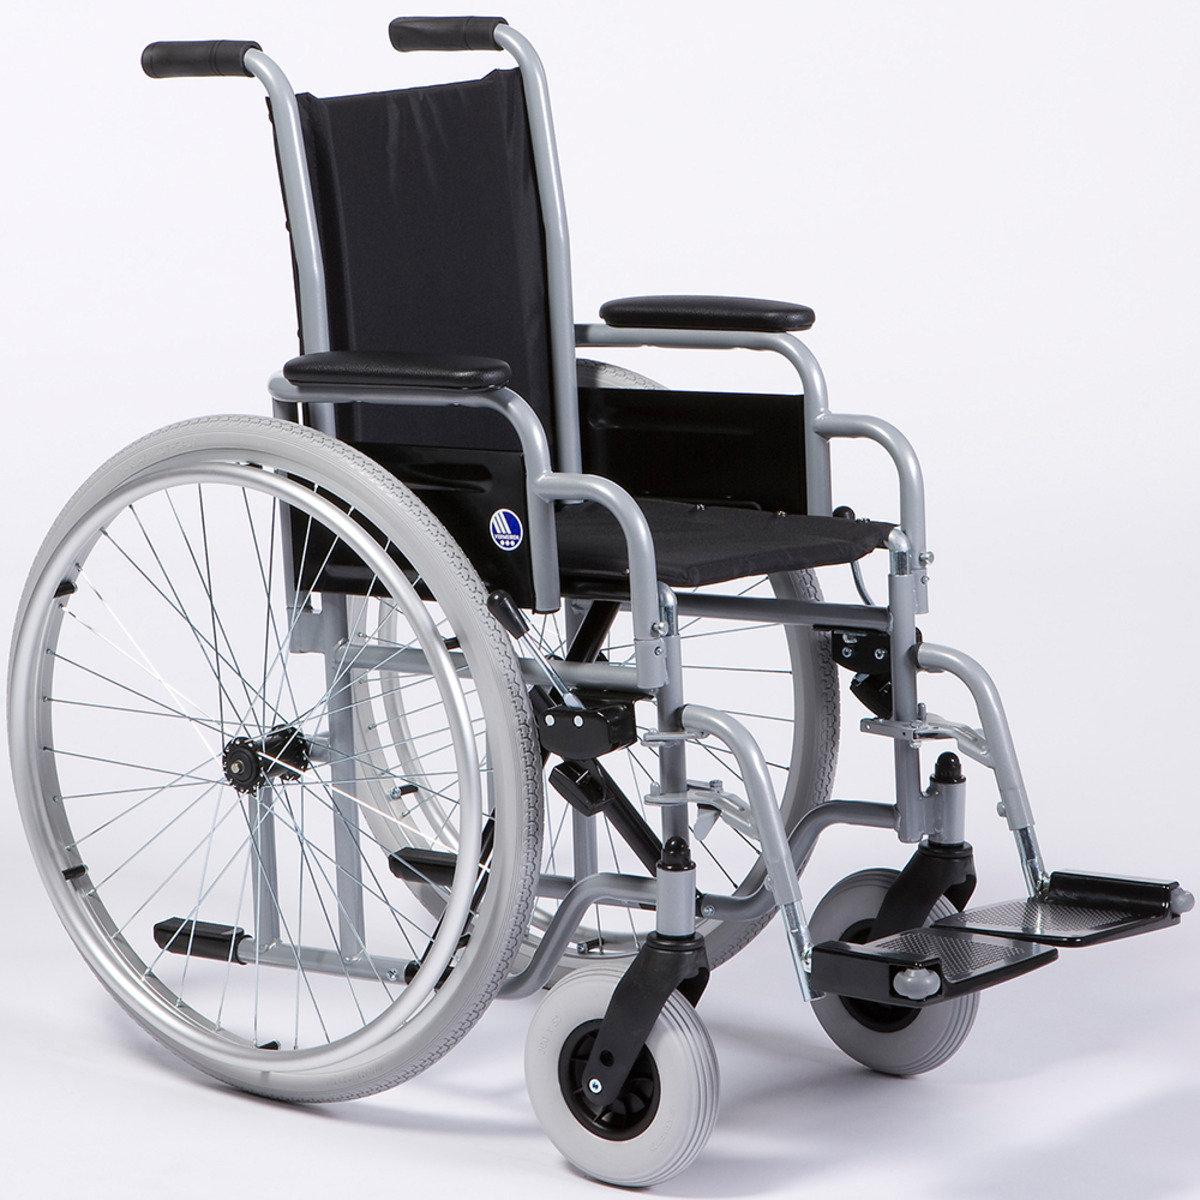 比利時 708 Kids 多功能兒童輪椅 (37cm座闊)